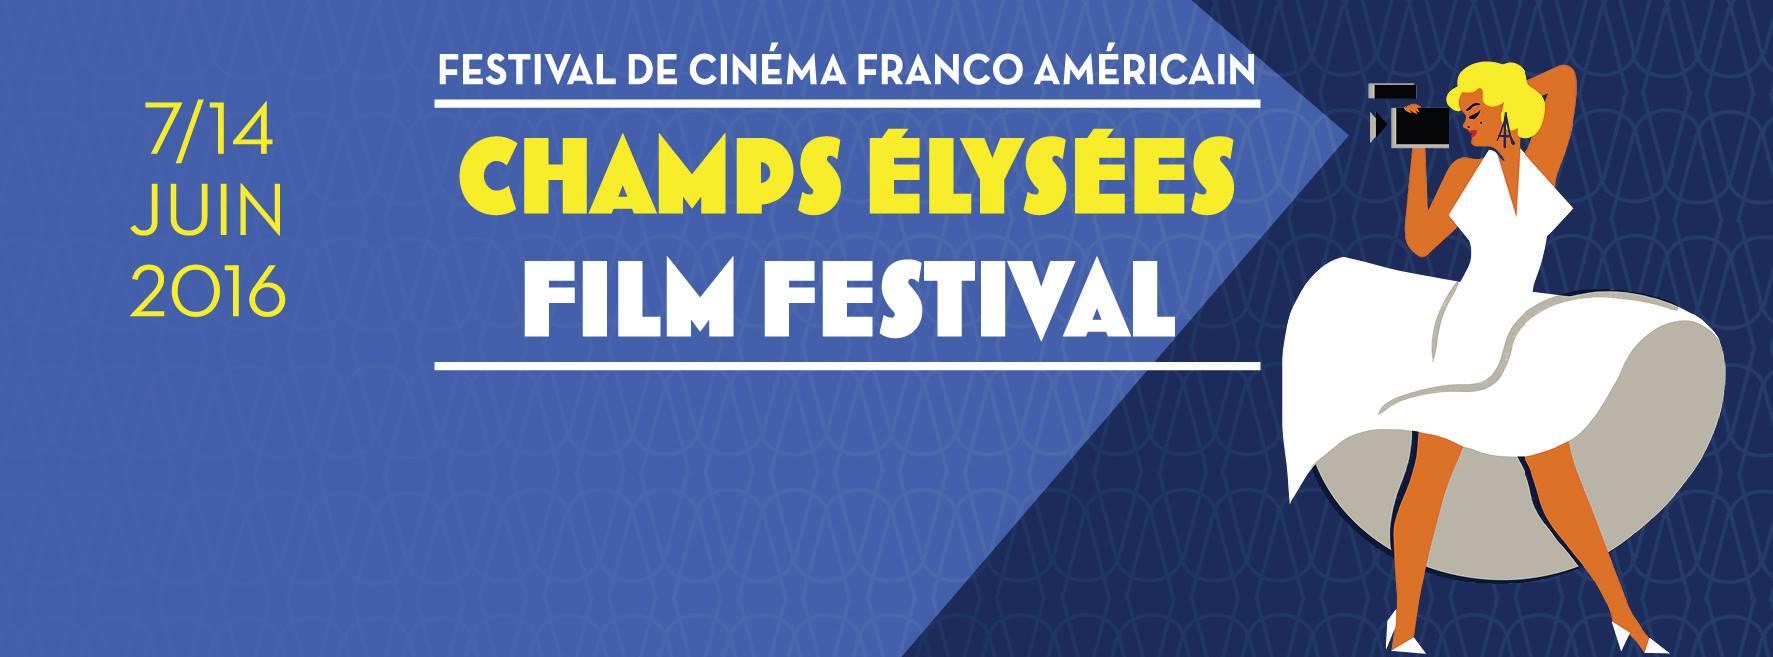 Champs-Elysées Film Festival 2016